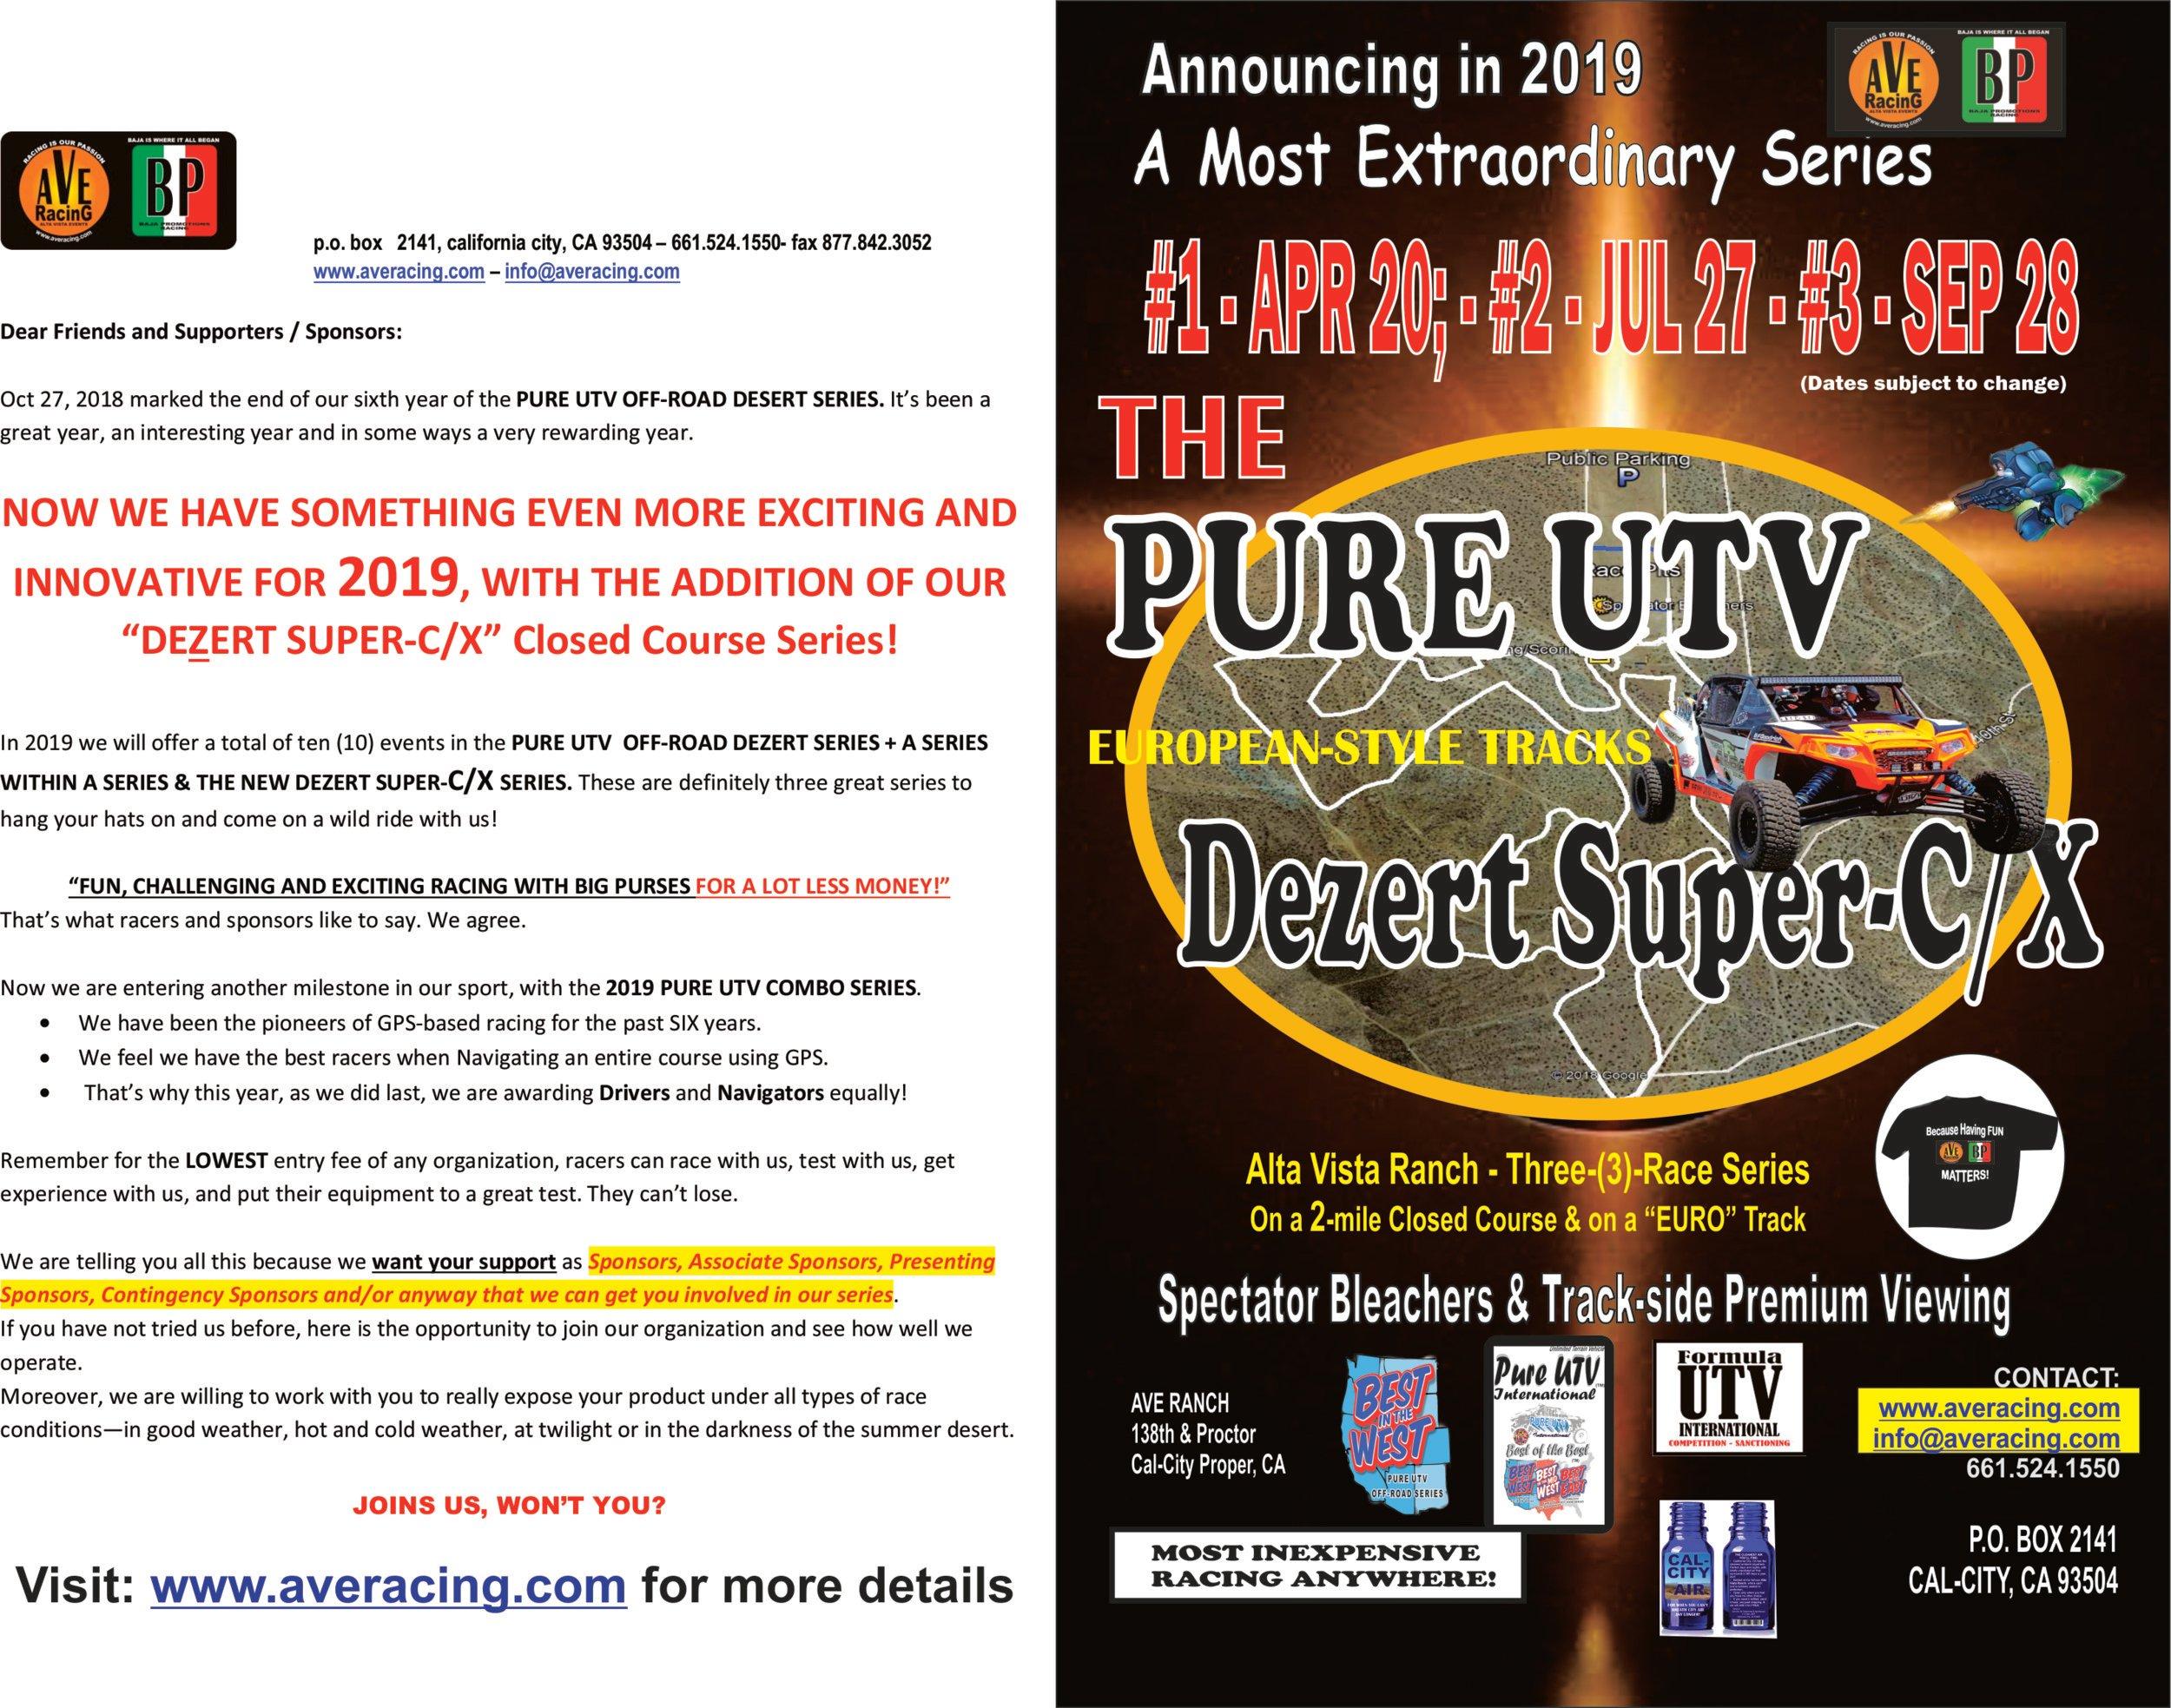 19-POLARIS-PURE-UTV-Dez&Super-C-BROCHURE-Parker-PAGE2-Jan8.jpg